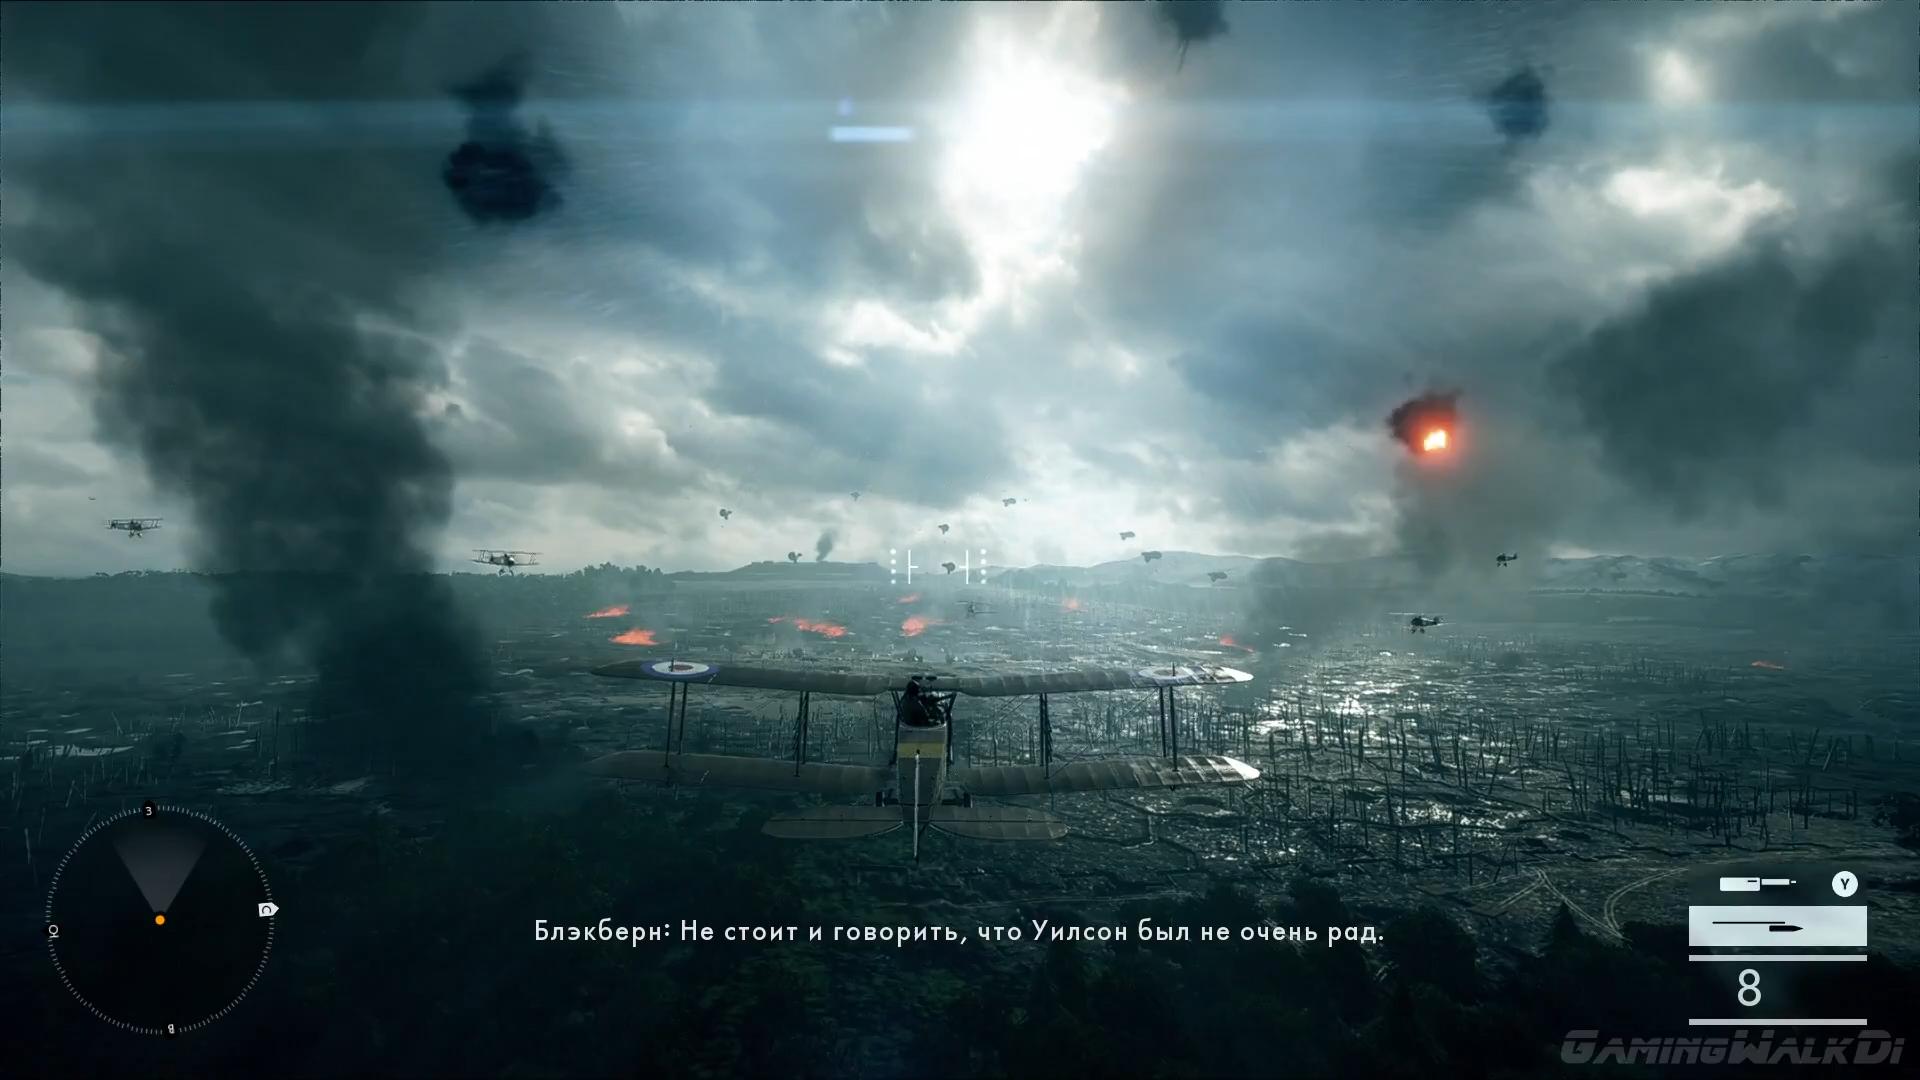 Battlefield.1.2016.D.WEBRip.1080p.mp4_snapshot_00.35.03_[2016.10.24_15.25.32].png